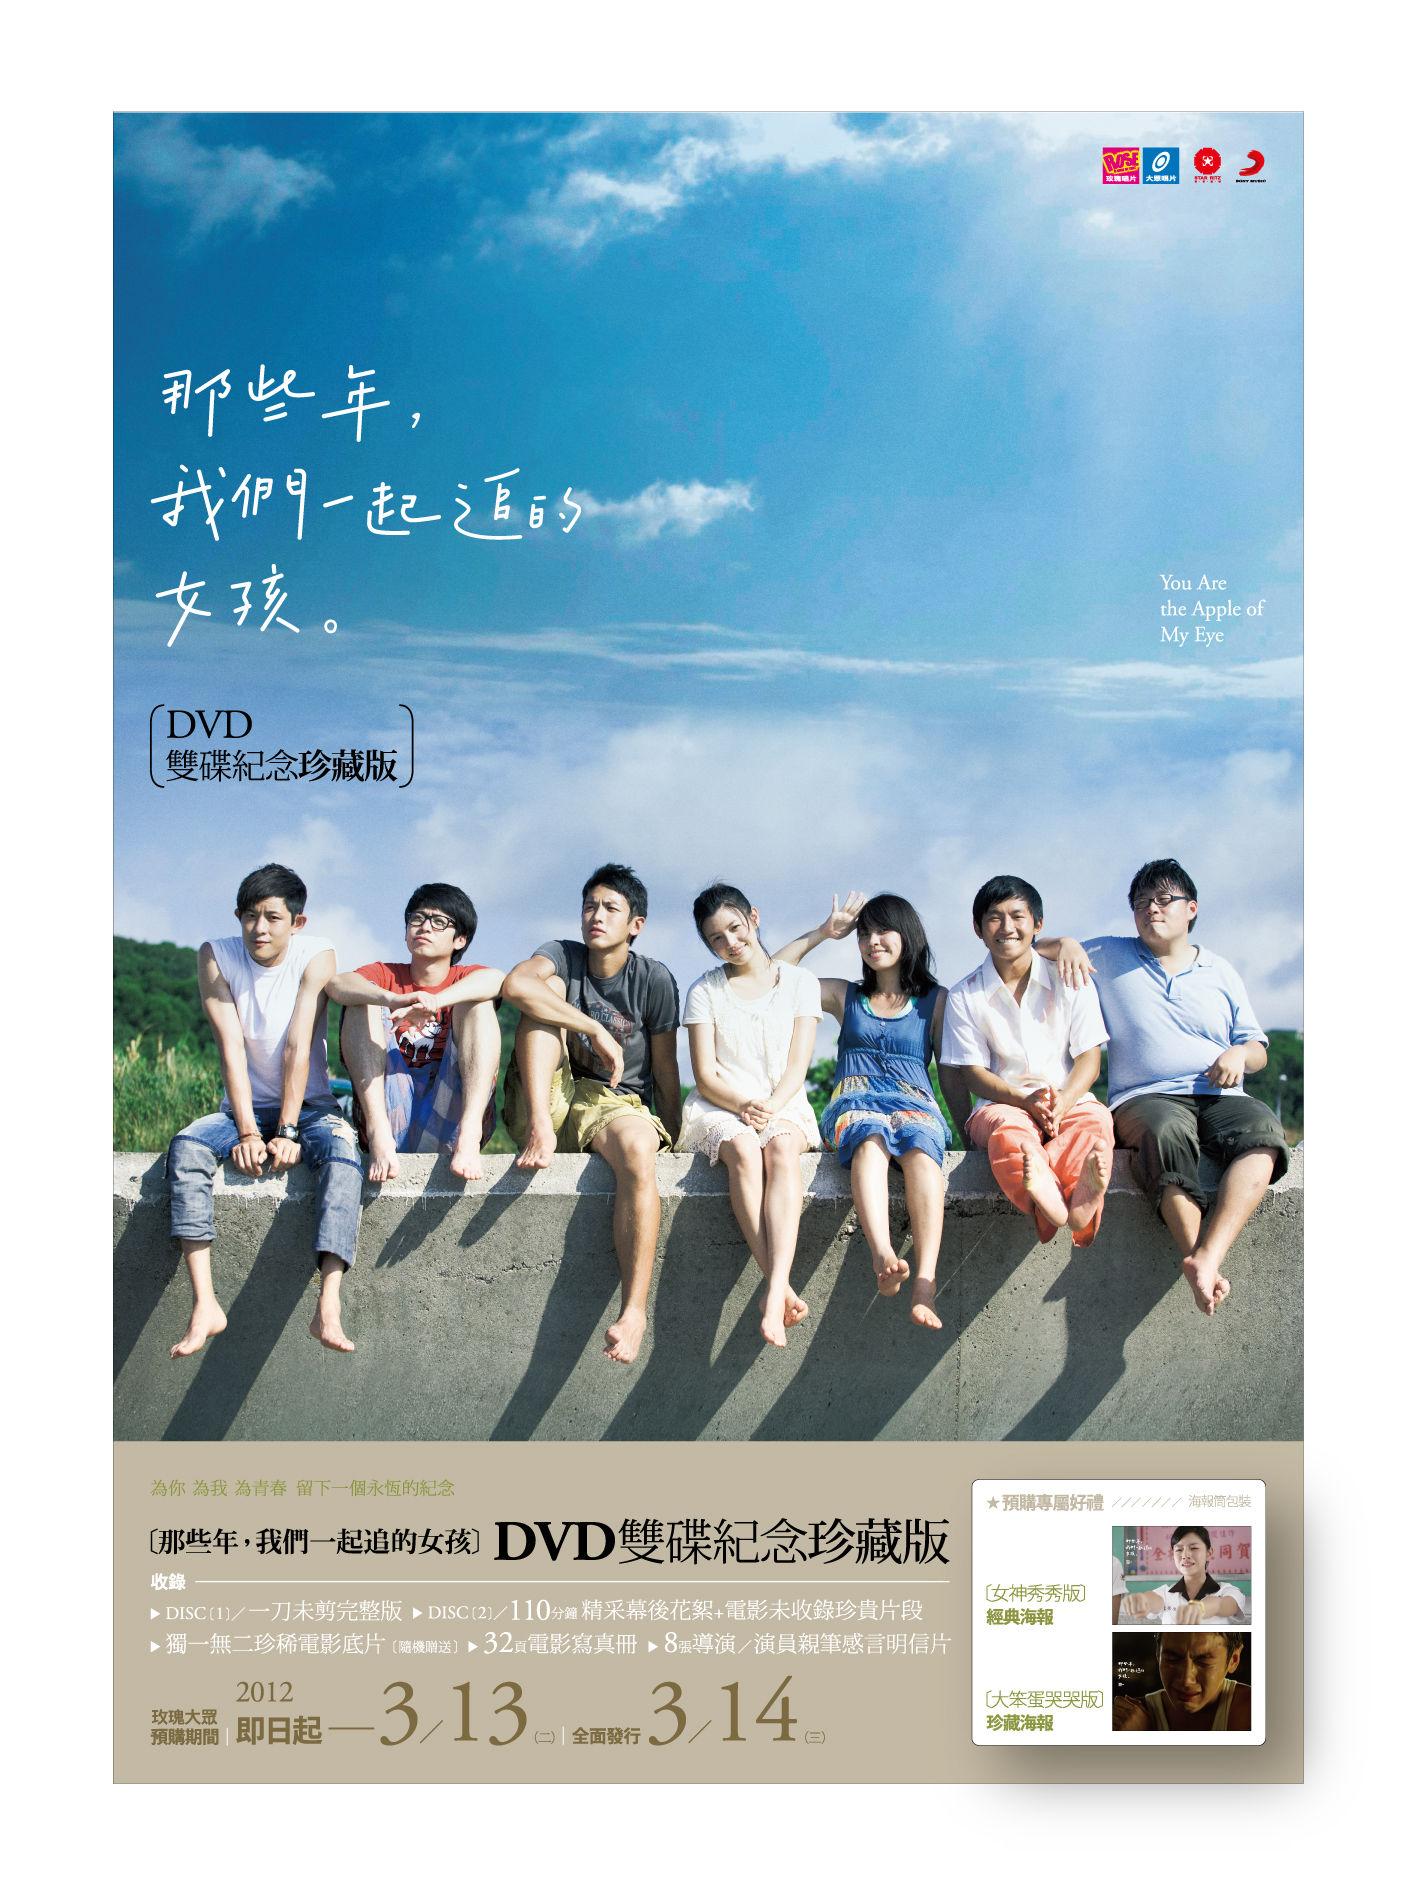 【那些年,我們一起追的女孩】雙碟紀念珍藏版--DVD